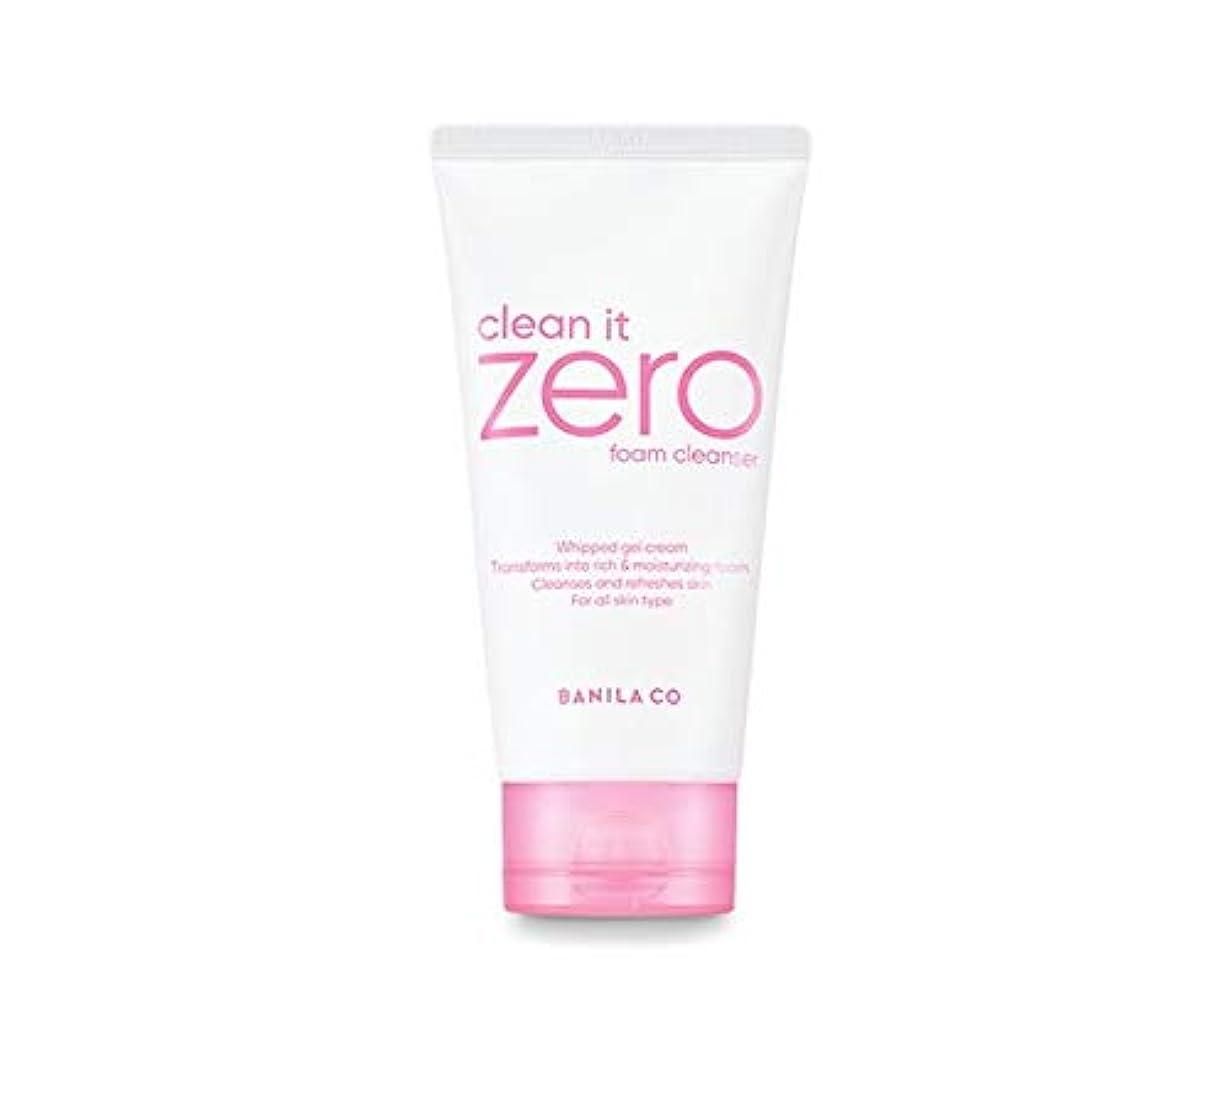 石炭観点冷凍庫banilaco クリーンイットゼロフォームクレンザー/Clean It Zero Foam Cleanser 150ml [並行輸入品]